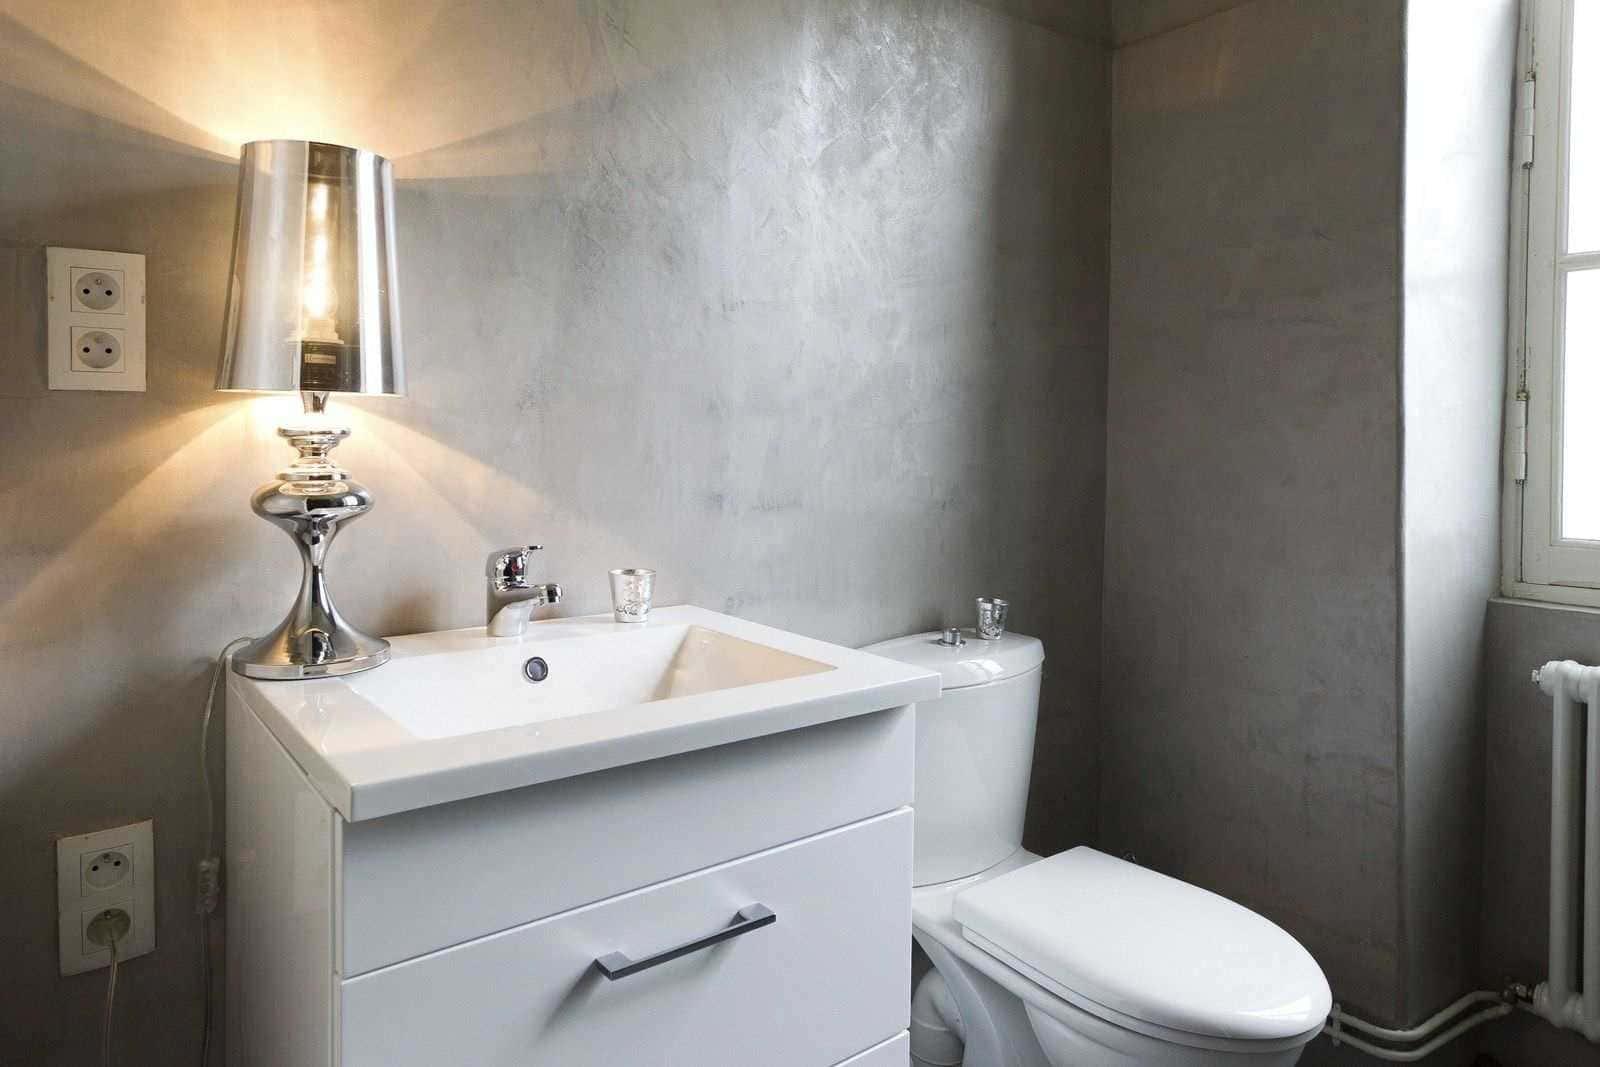 Декоративная штукатурка - лучшие красивые варианты отделки стен в интерьере 021